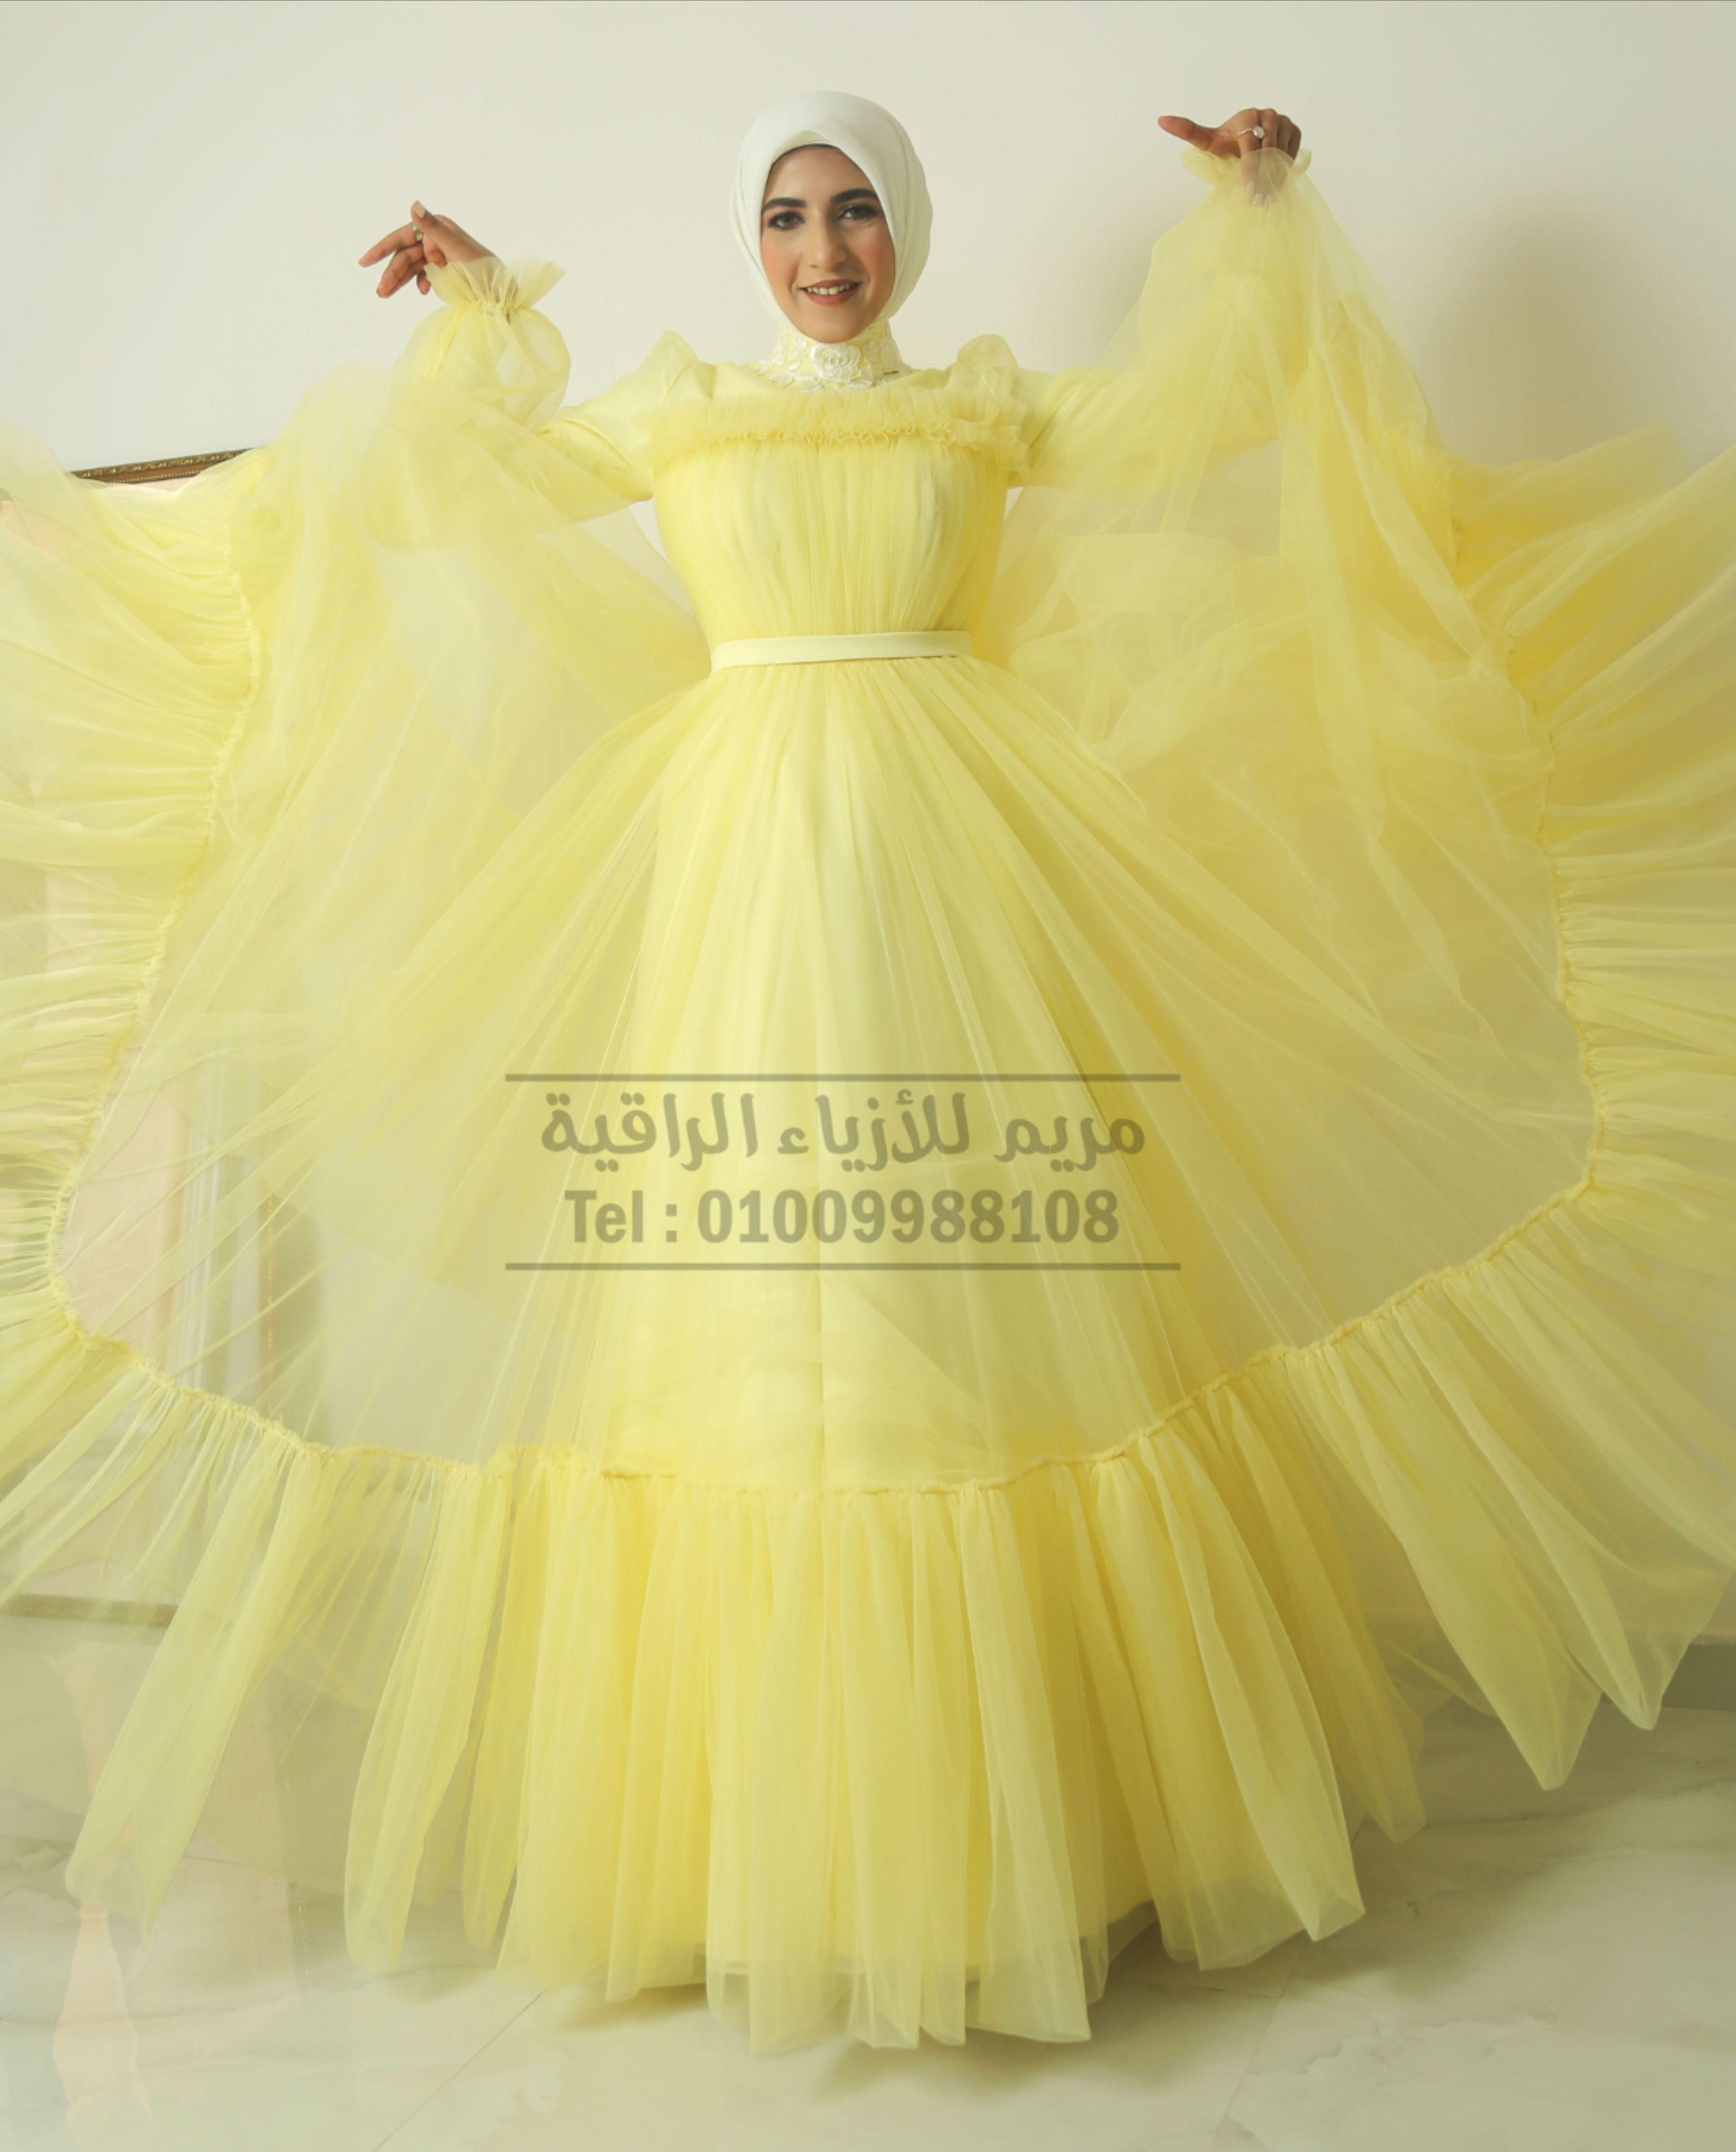 كونى كأميرات ديزنى مع مريم للأزياء الراقية أحدث صيحات الموضة فى فساتين سواريه المحجبات Soiree Dress Dresses Hijab Wedding Dresses